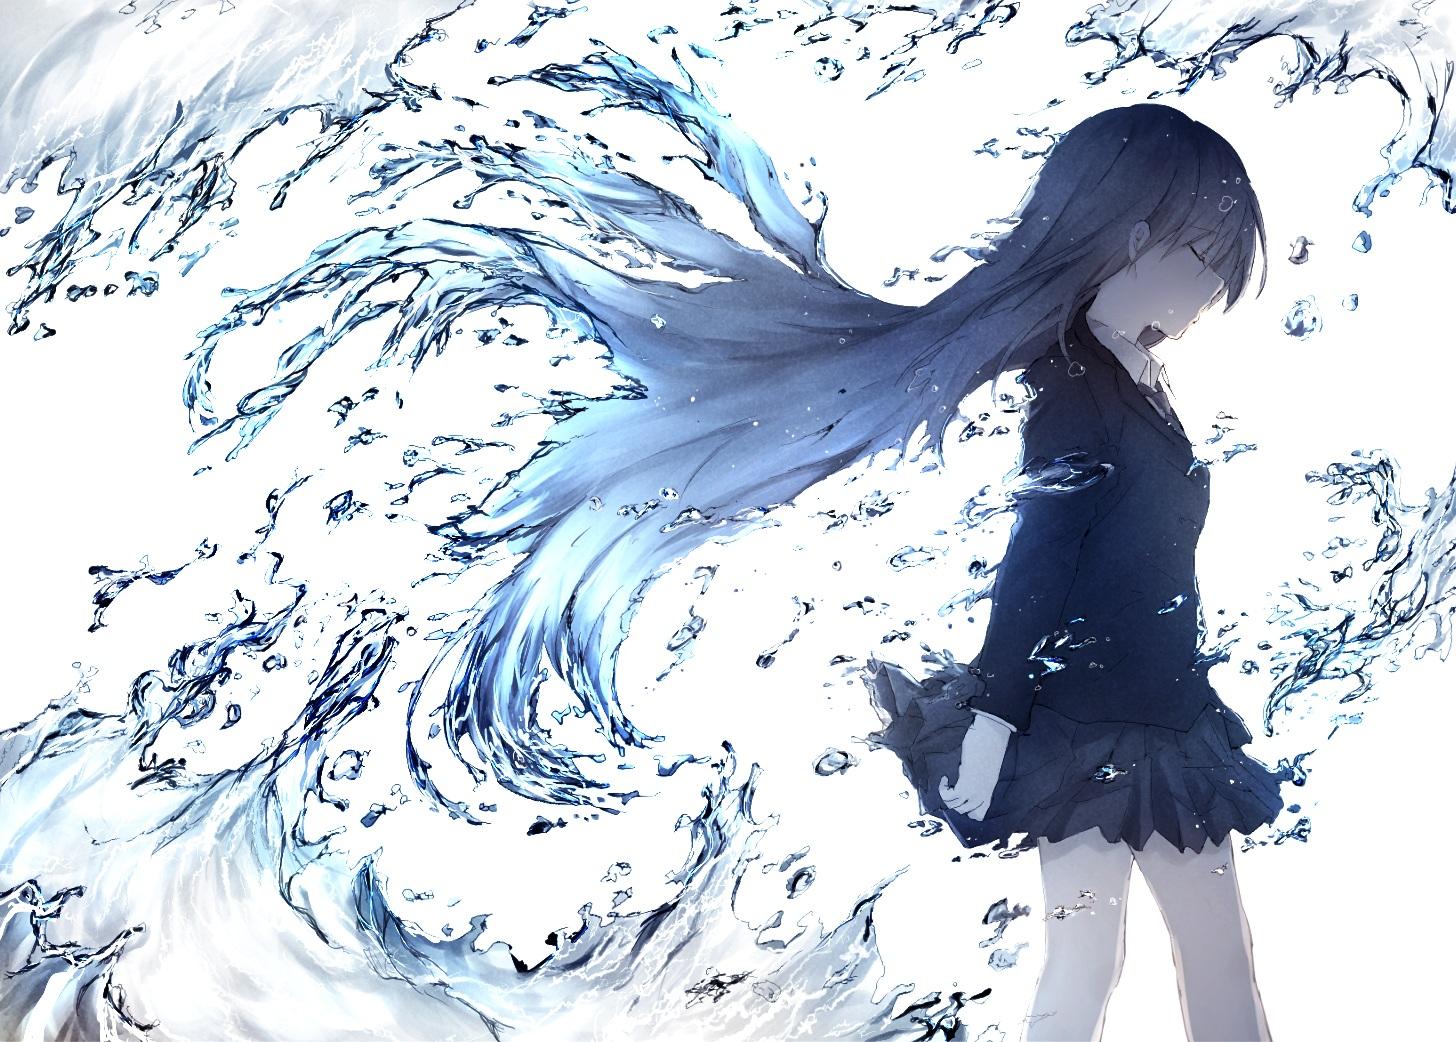 aliasing brown_hair haru_(re_ilust) long_hair original polychromatic school_uniform skirt tie water